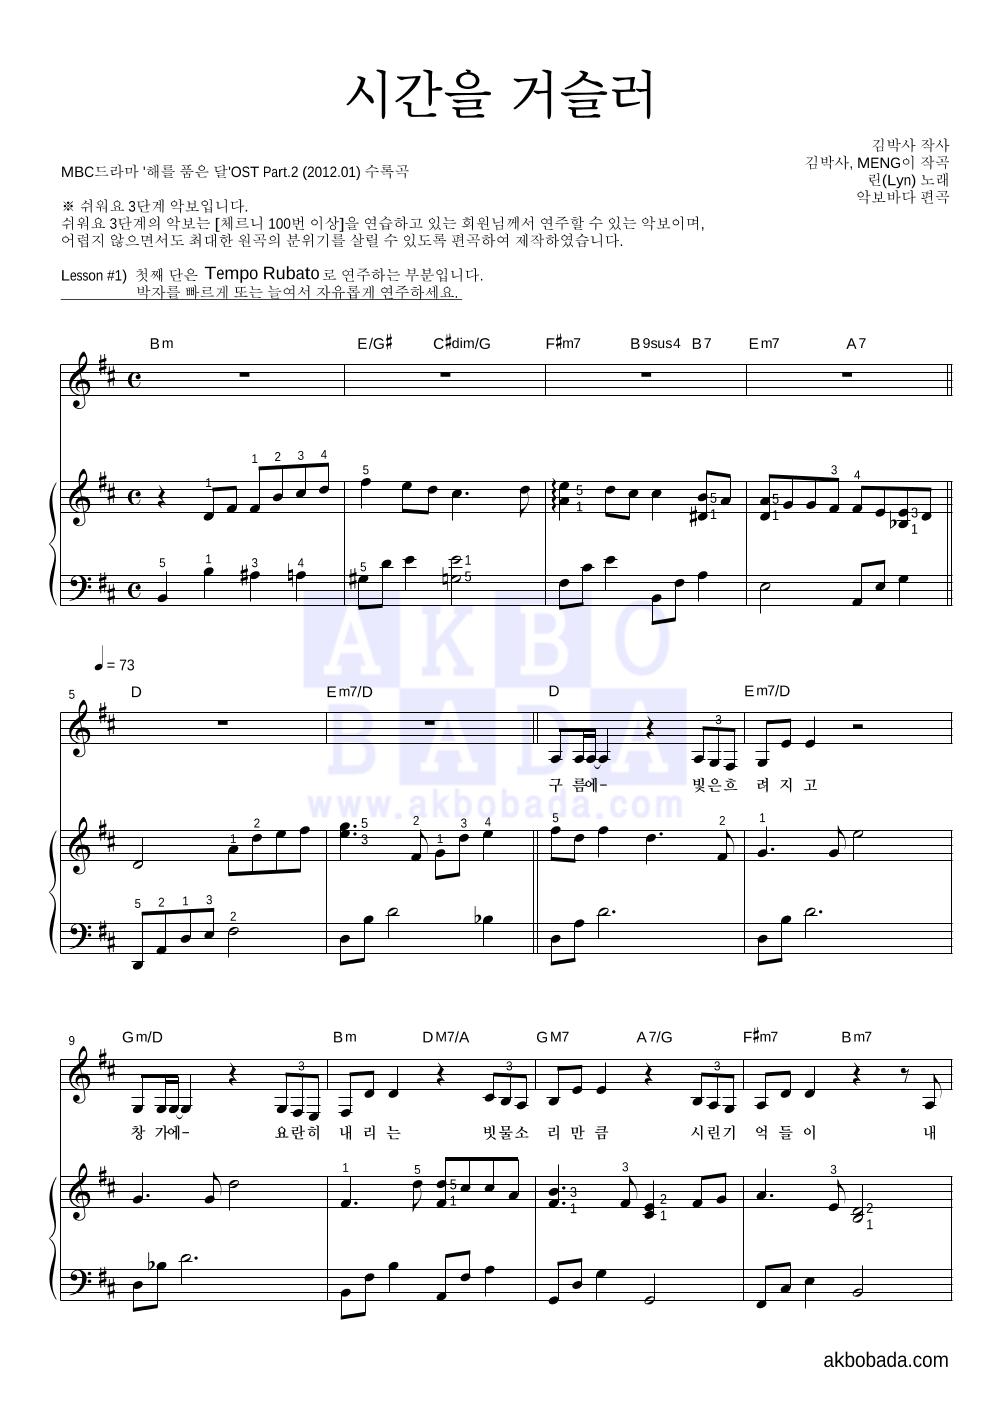 린(Lyn) - 시간을 거슬러 피아노3단-쉬워요 악보